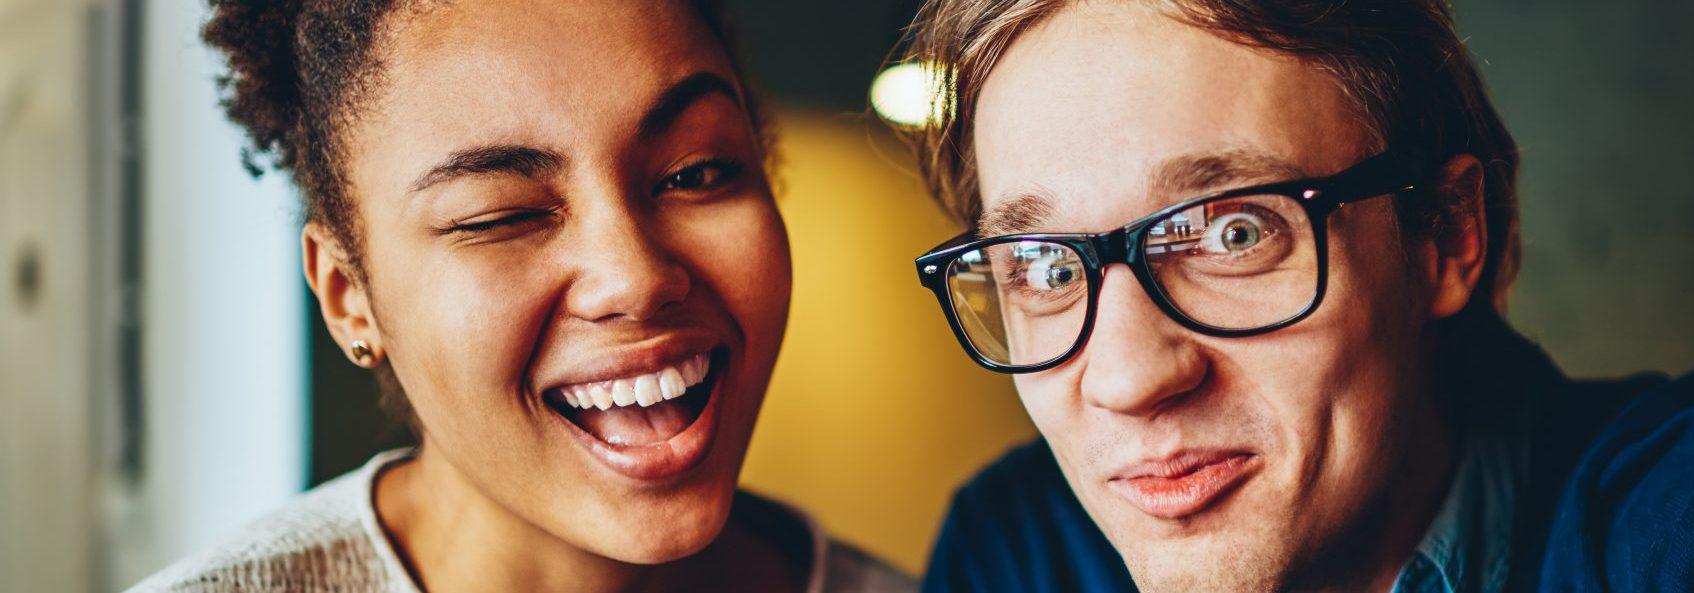 Verkooptrainingen (Sales training) geven de overtuigingskracht en versterken het presentatietalent van deze twee zelfverzekerde en lachende verkopers